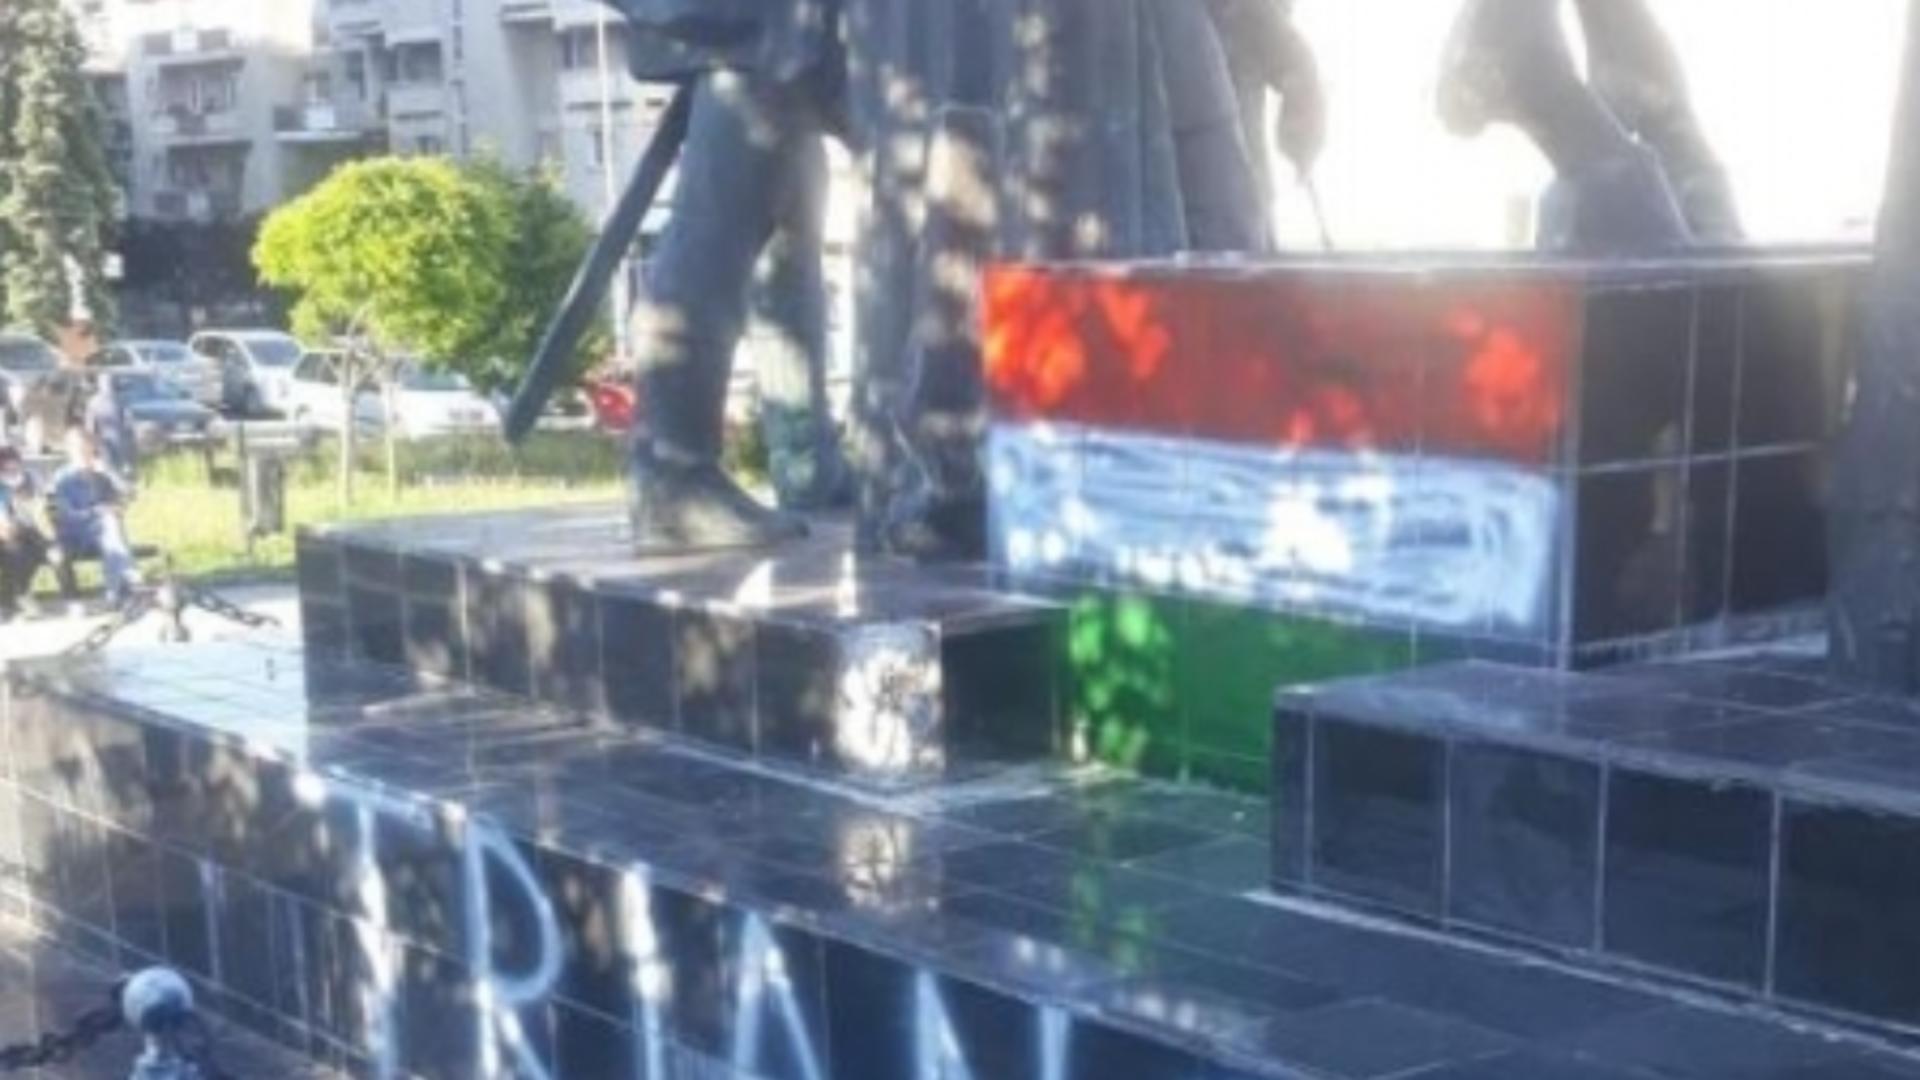 Patru adolescenți, reținuți pentru vandalizarea statuii Mihai Viteazul din Sf. Gheorghe